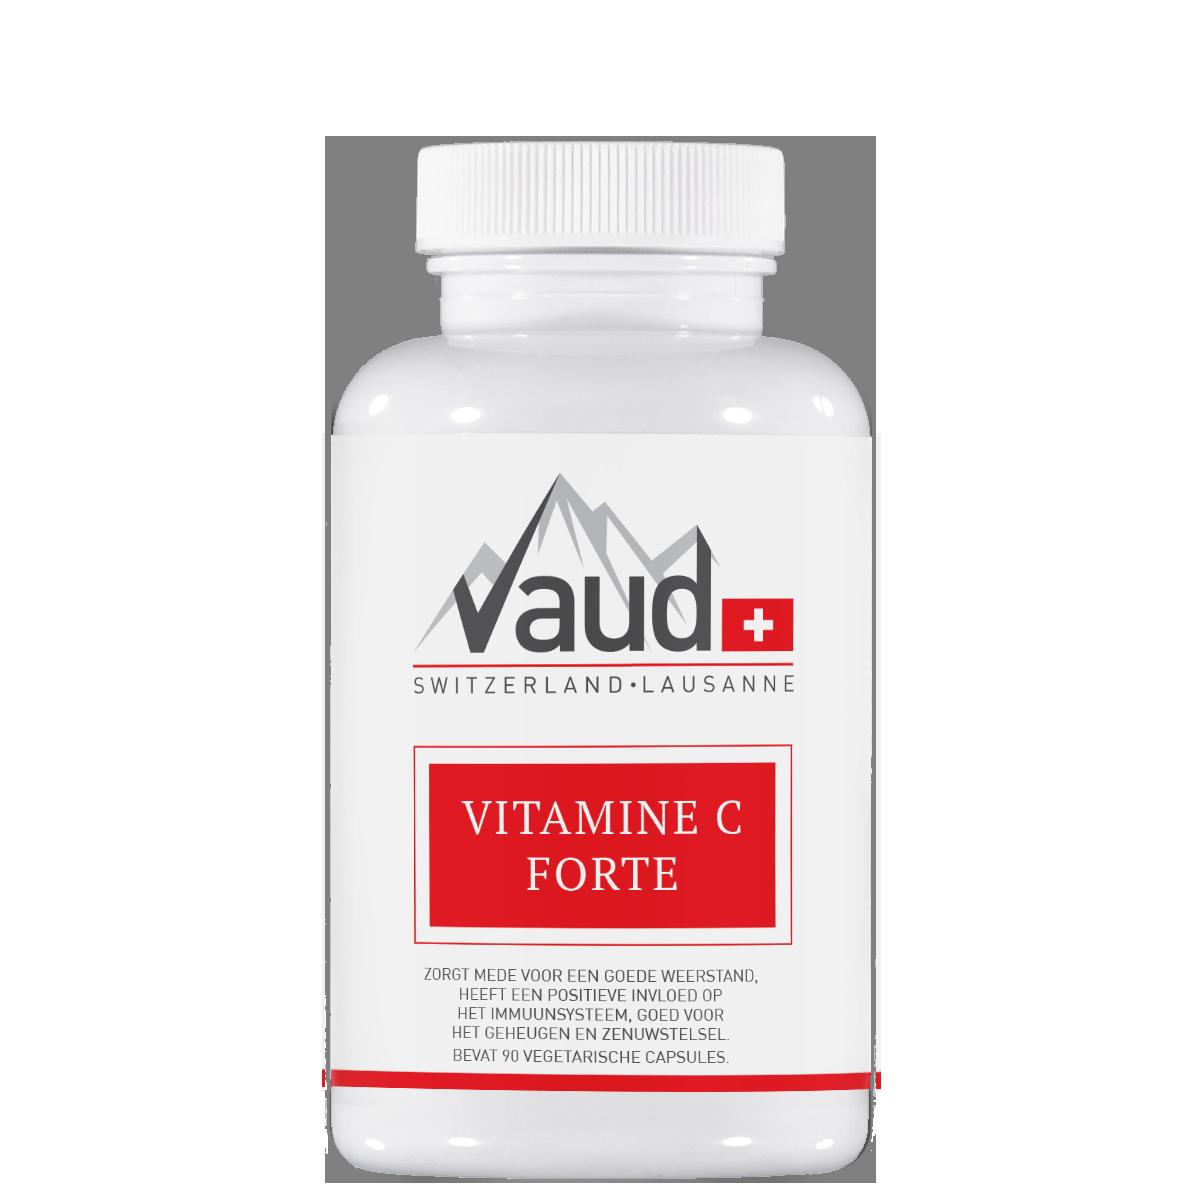 Vitamine C Forte immuunsysteem